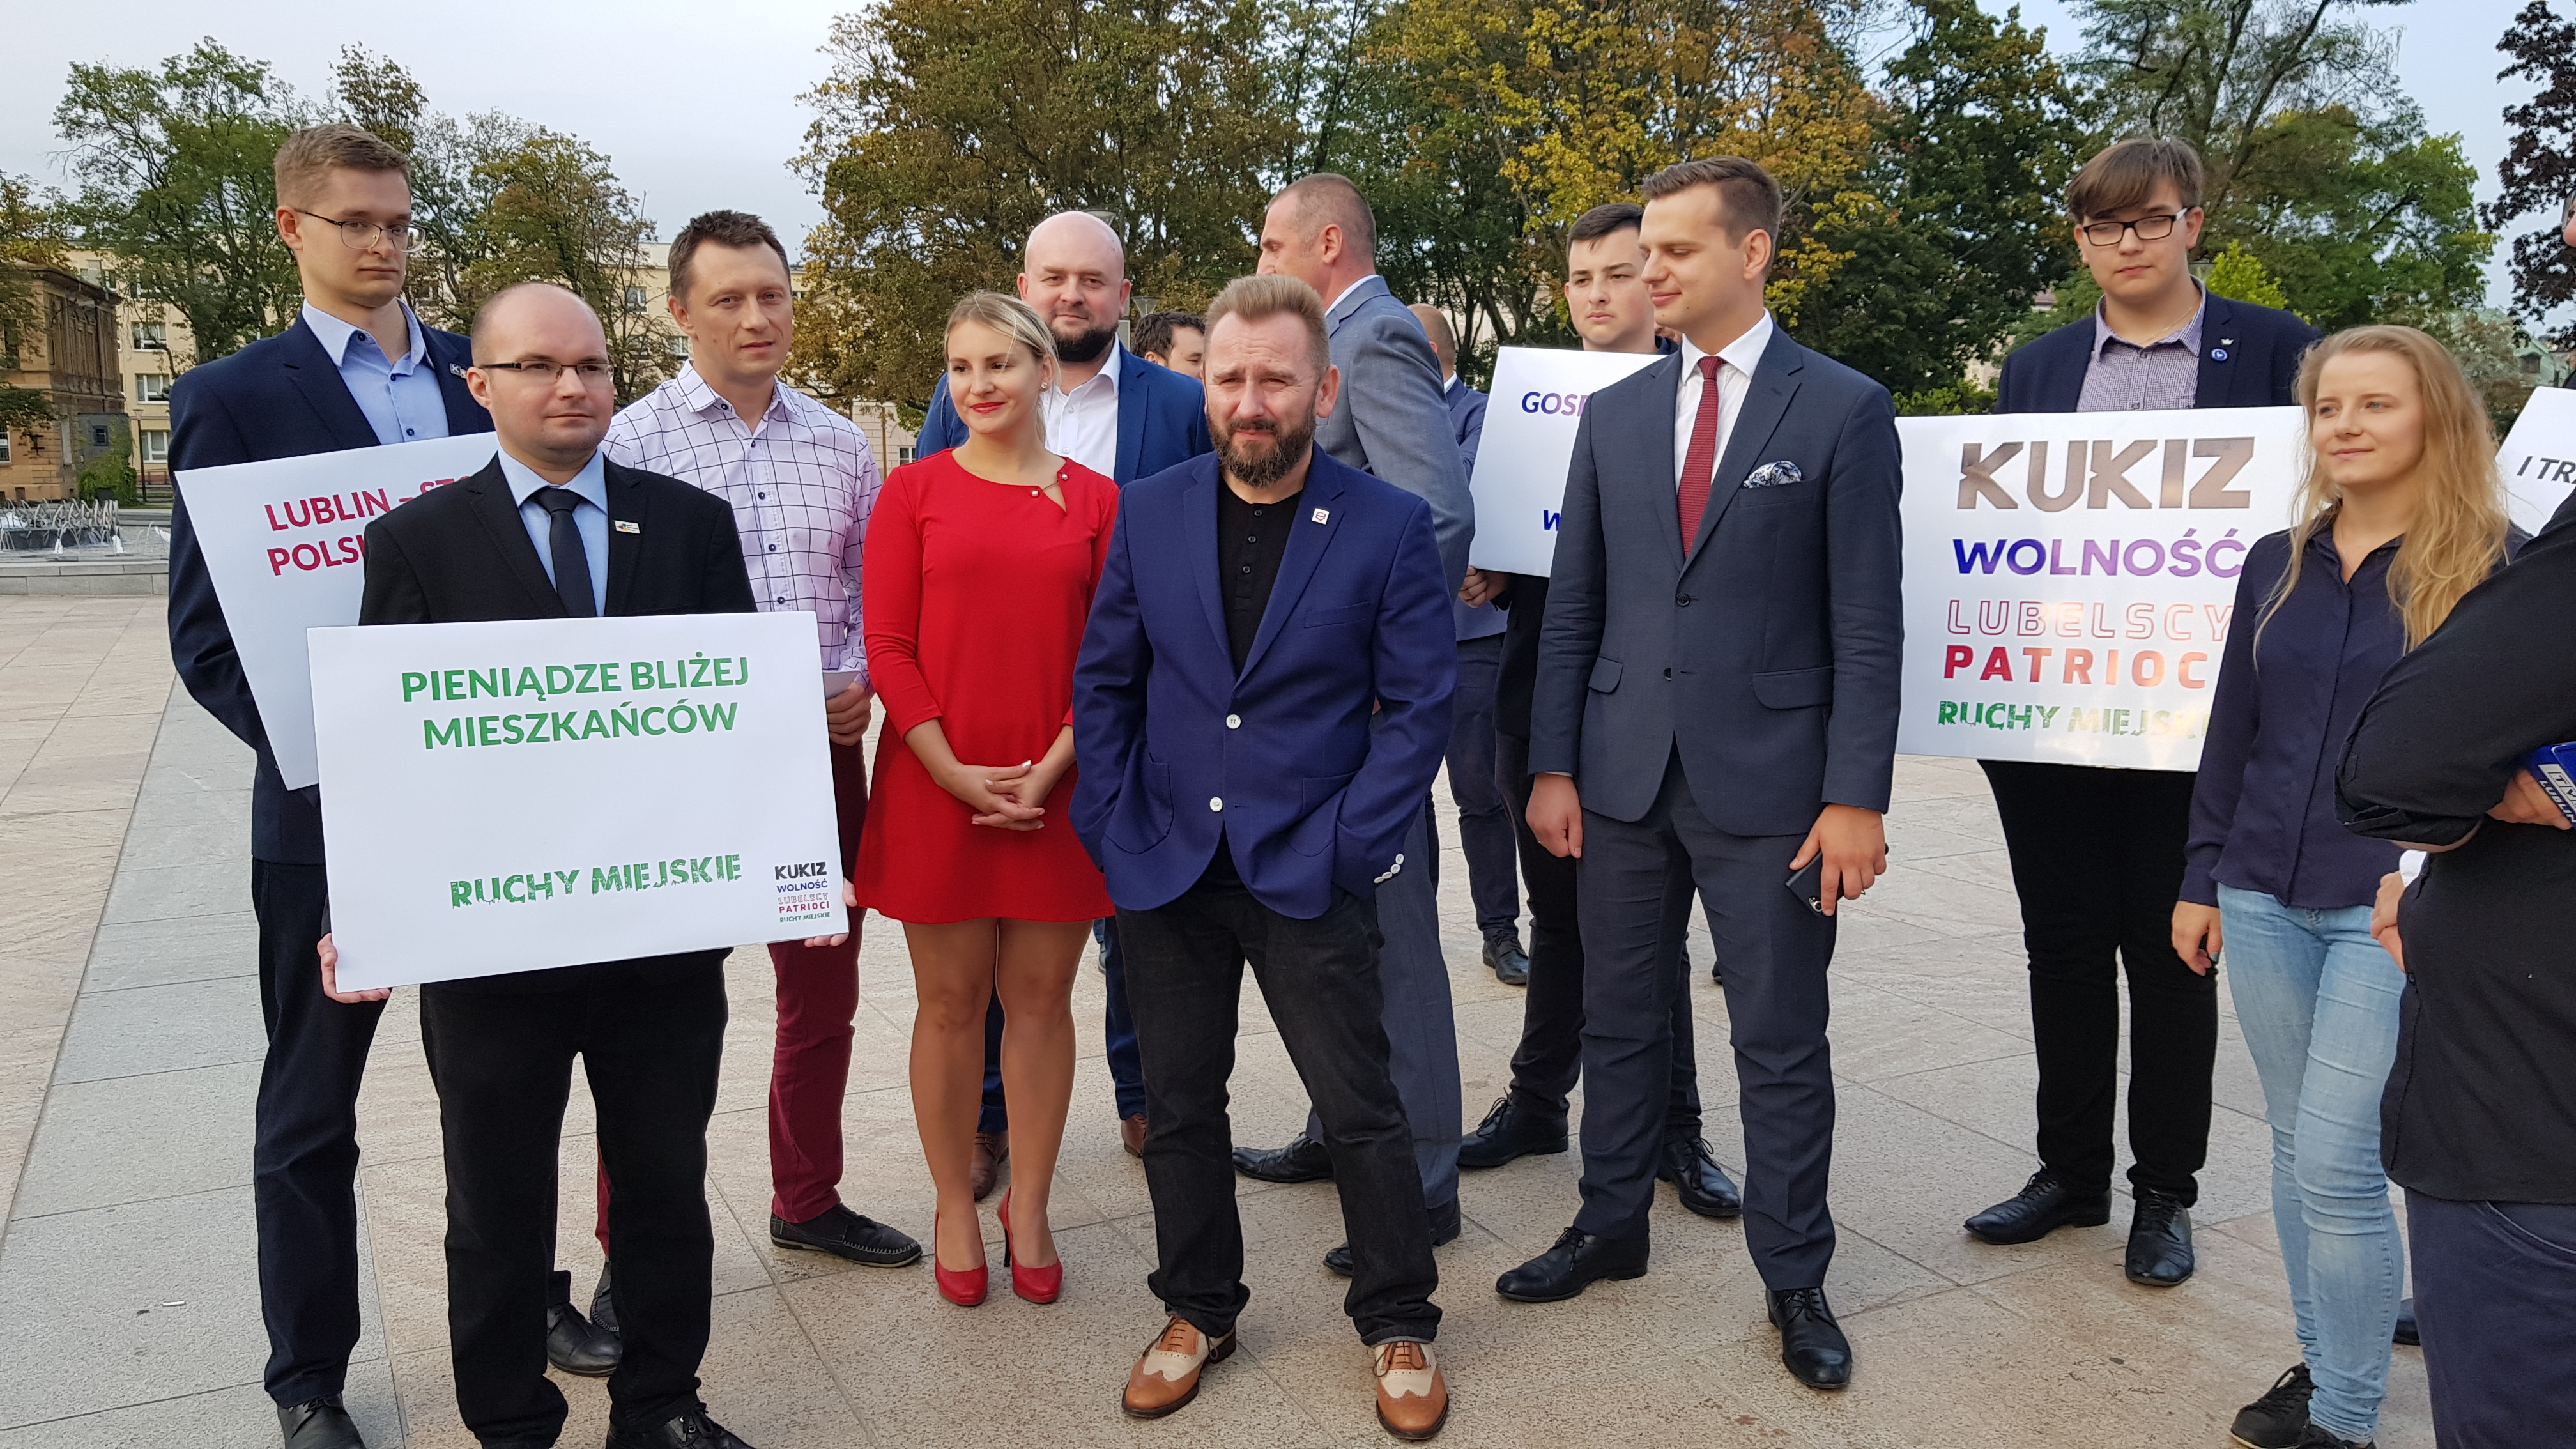 Poseł Piotr Liroy Marzec przyjechał do Lublina poprzeć Jakuba Kuleszę w walce o fotel prezydenta miasta